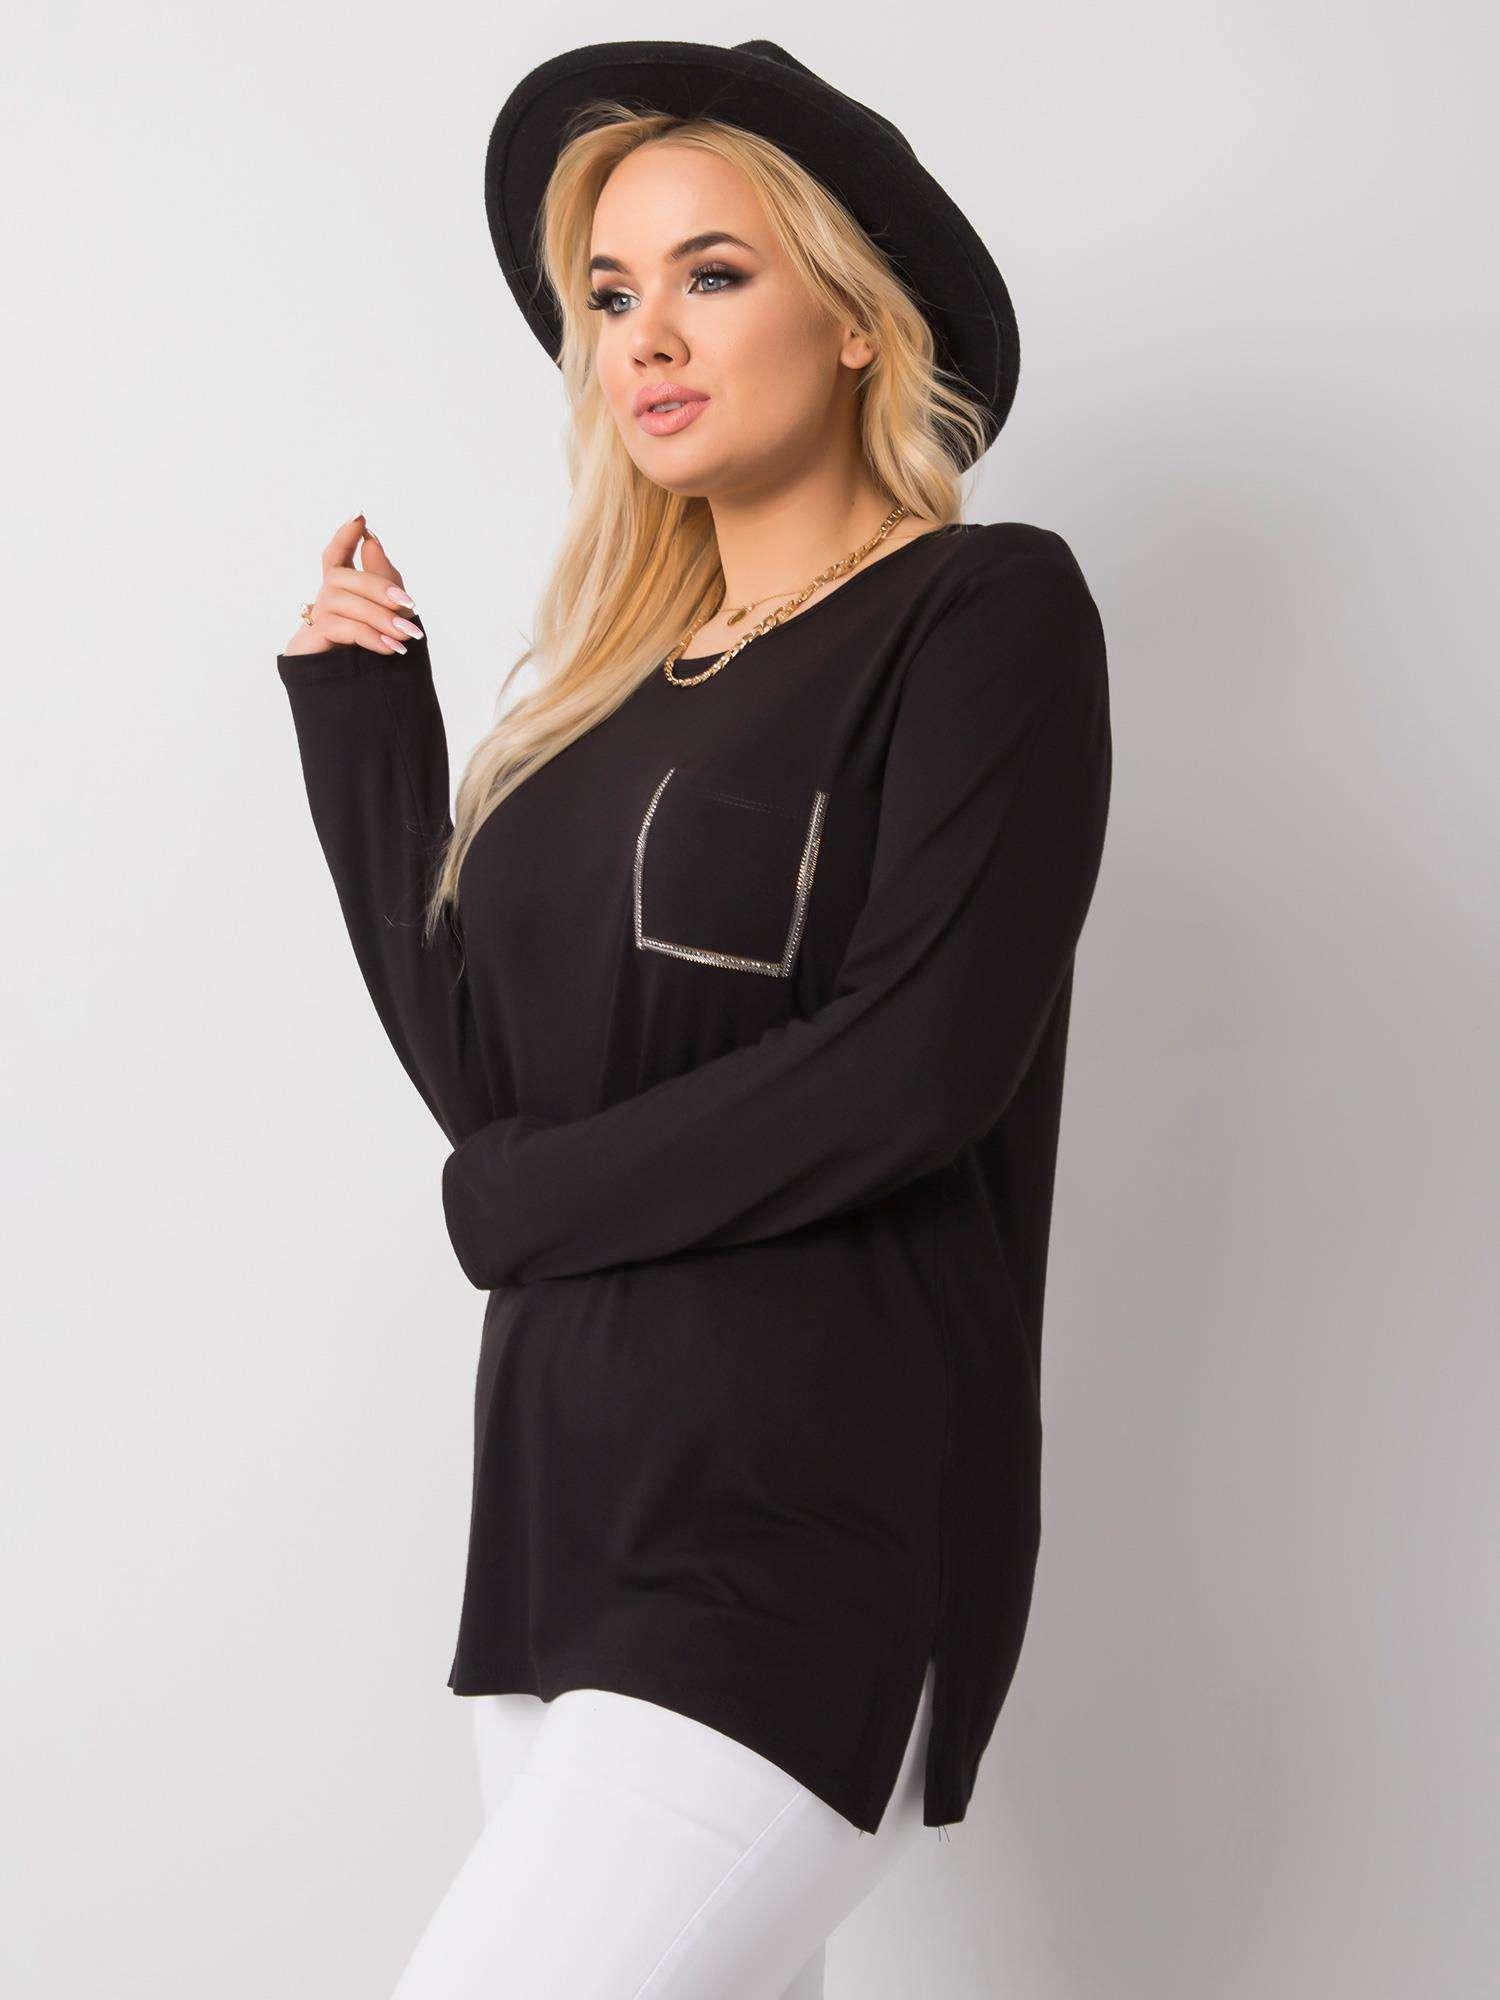 Longshirt in Schwarz mit Brusttasche Seitenansicht